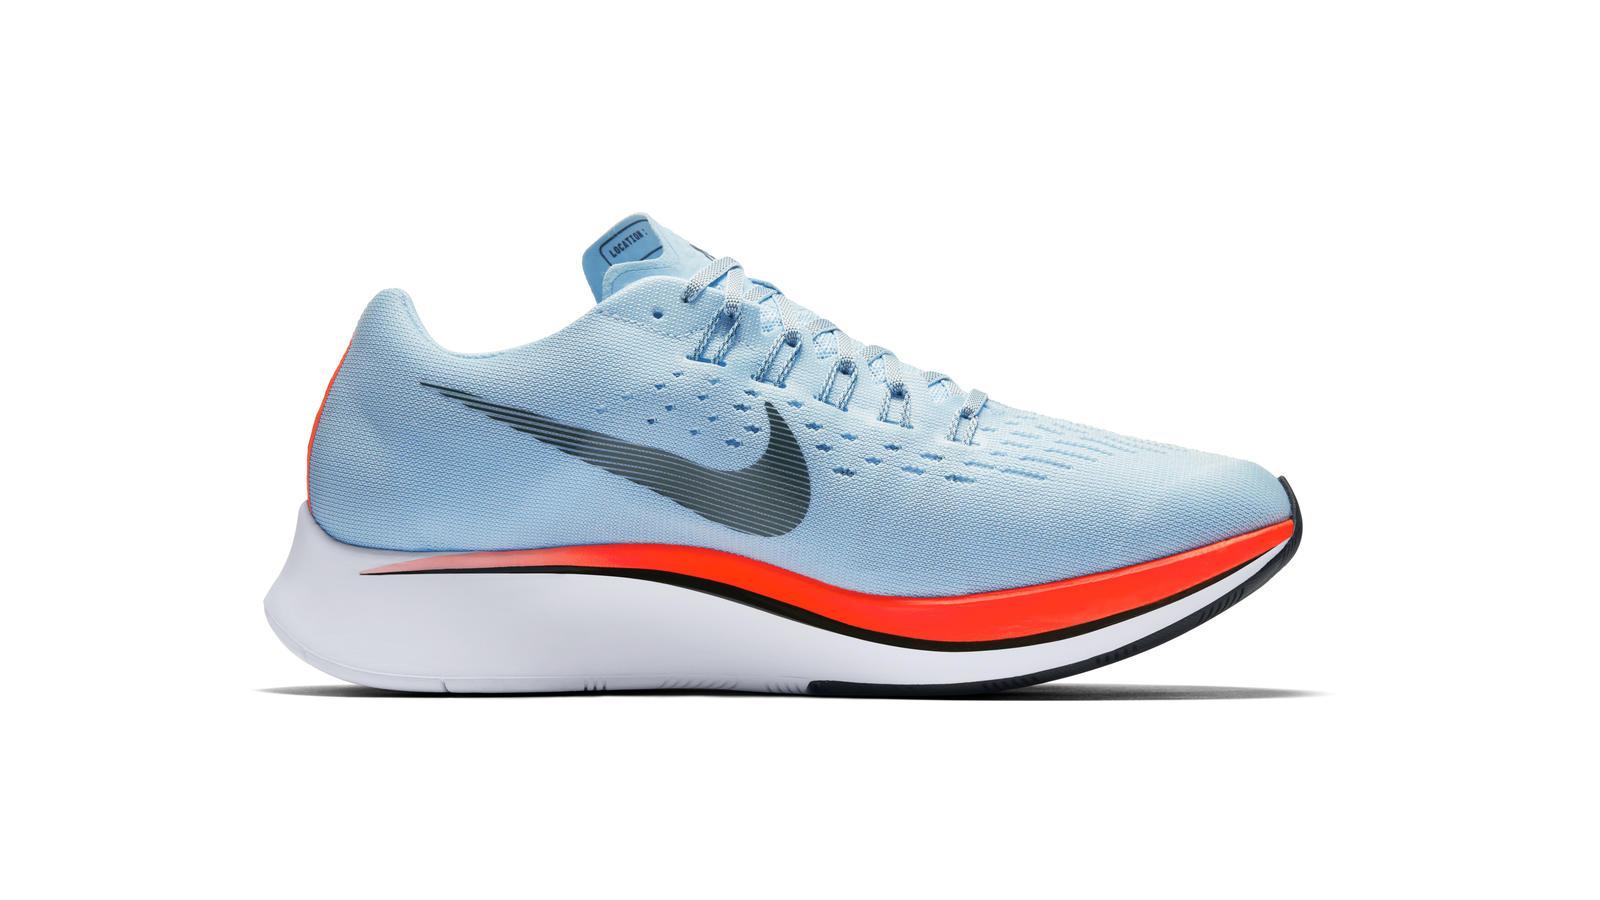 Best Light Running Shoes